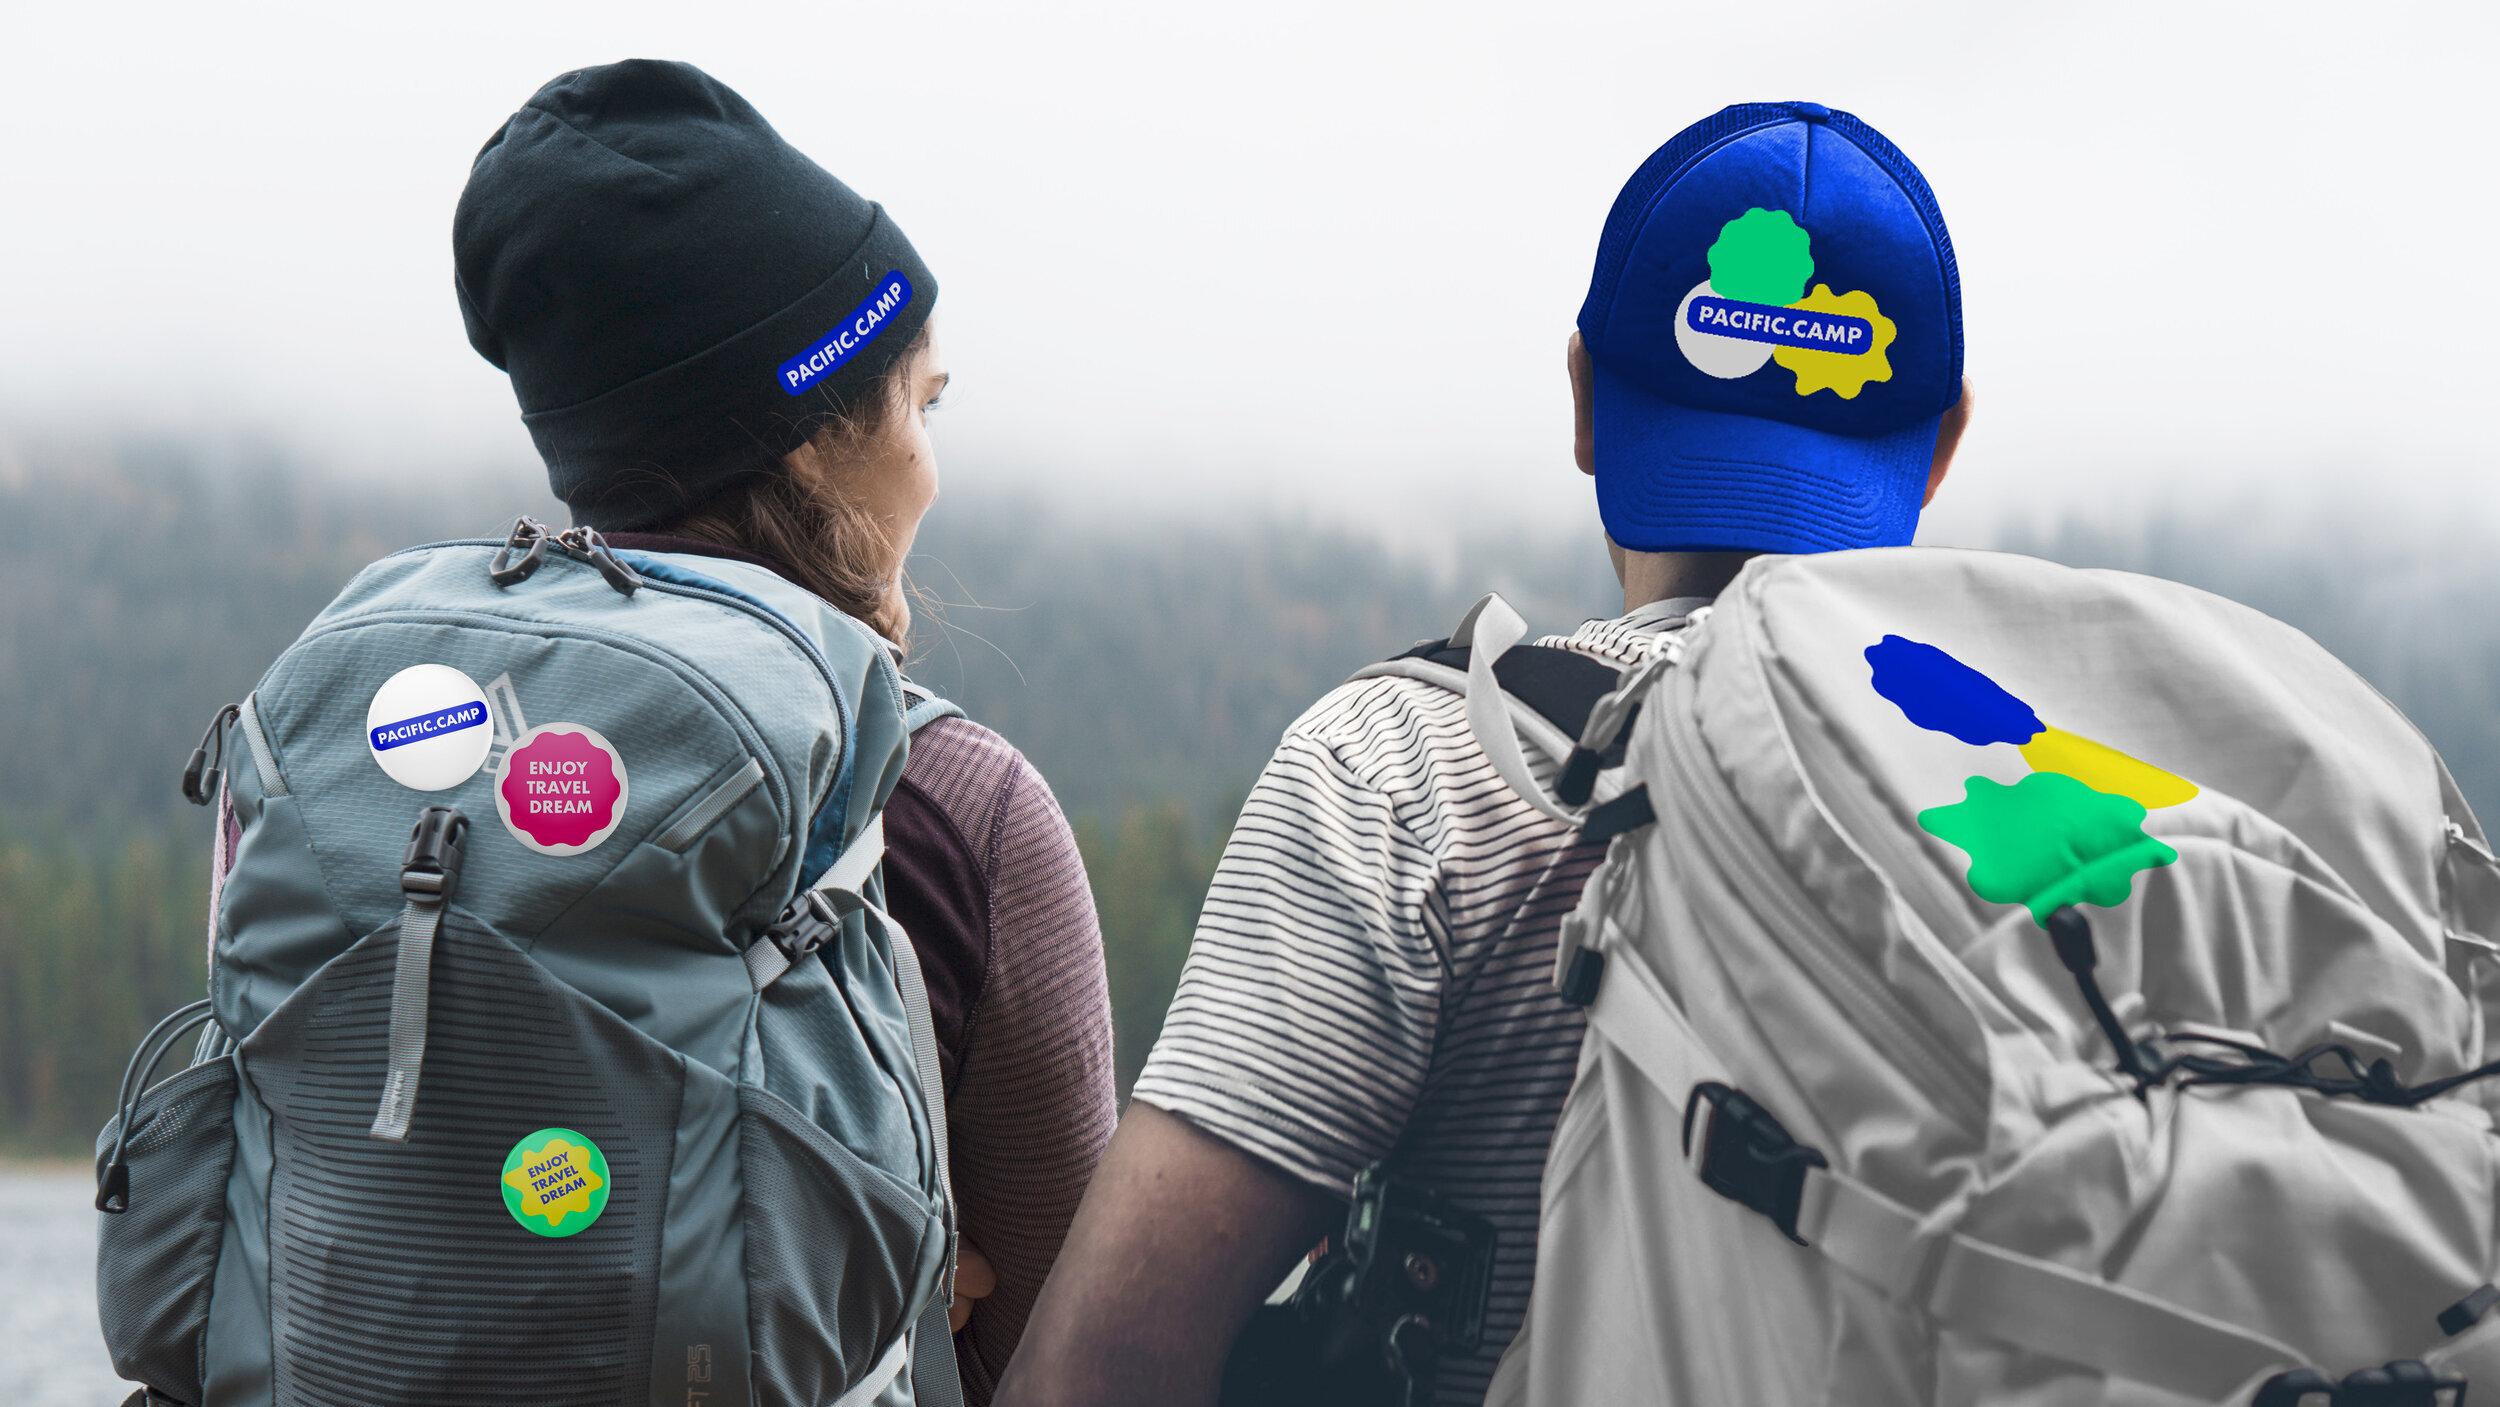 Именно поэтому корпоративный стиль сервиса включает яркие цветные элементы, напоминающие стикеры на рюкзак